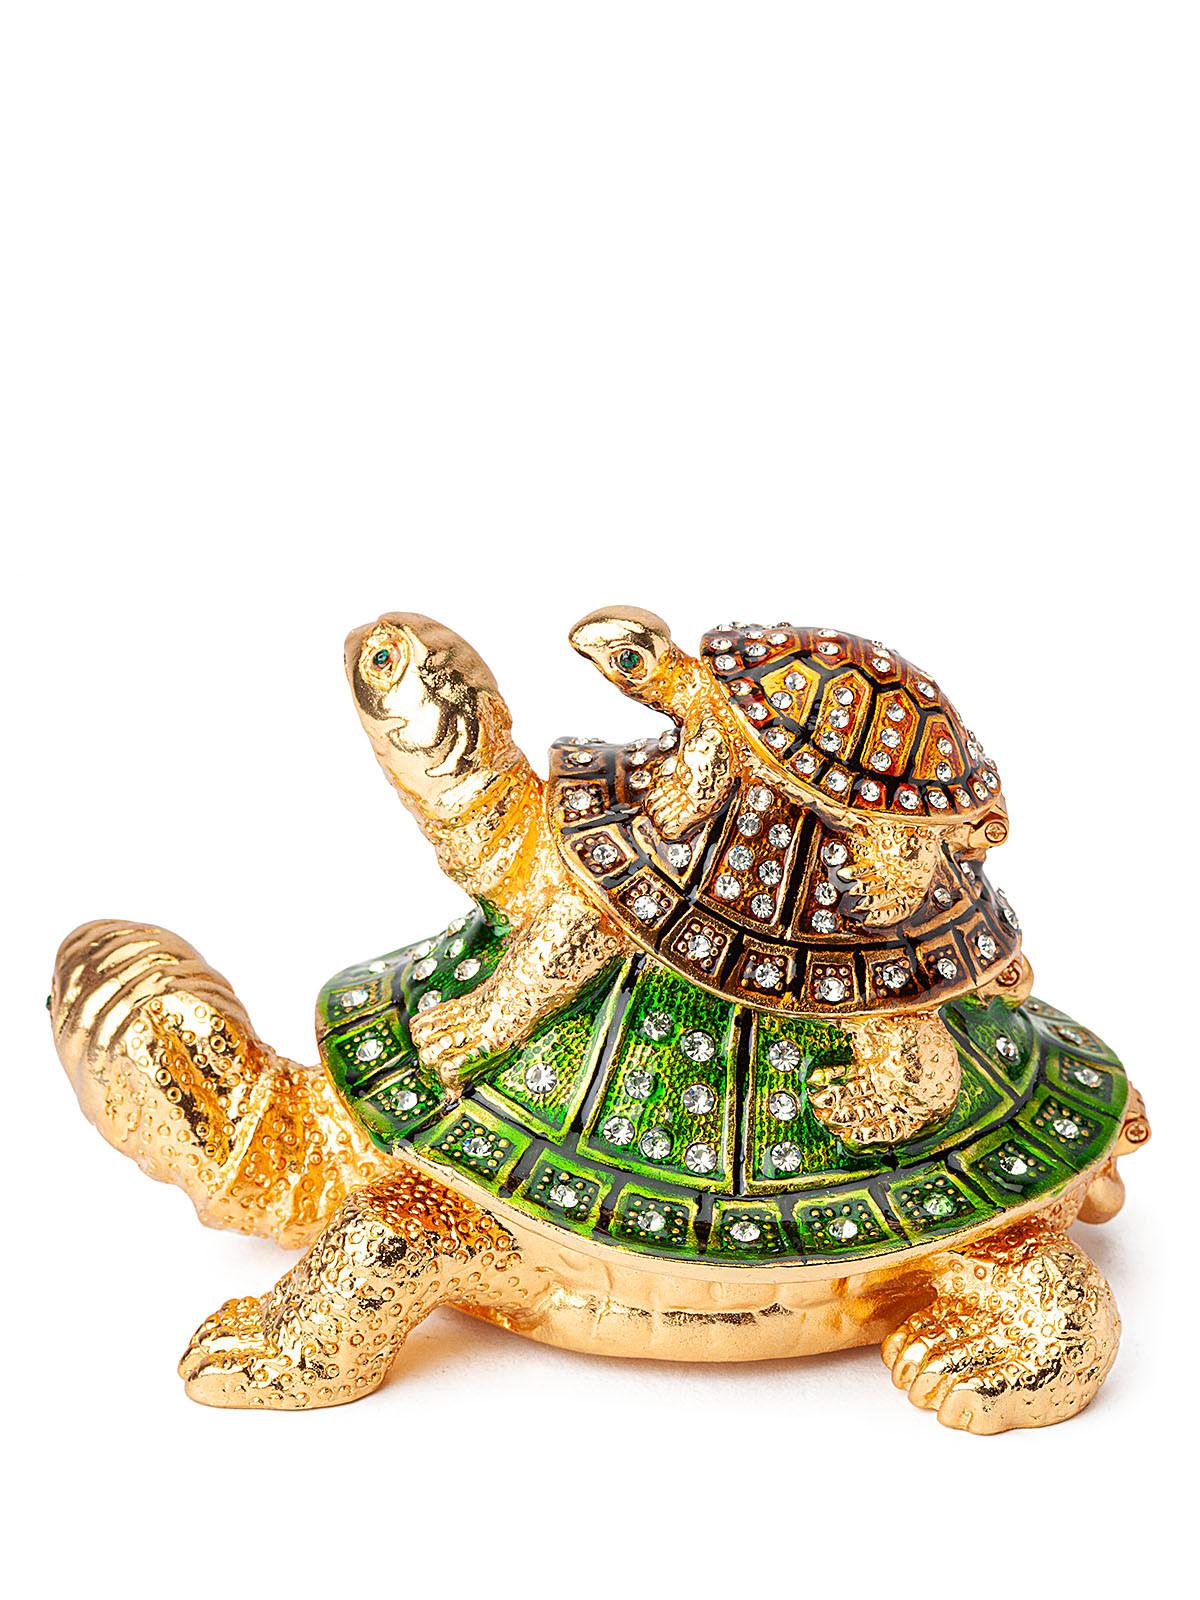 Шкатулка для украшений Черепаха S-1432-002 зеленый